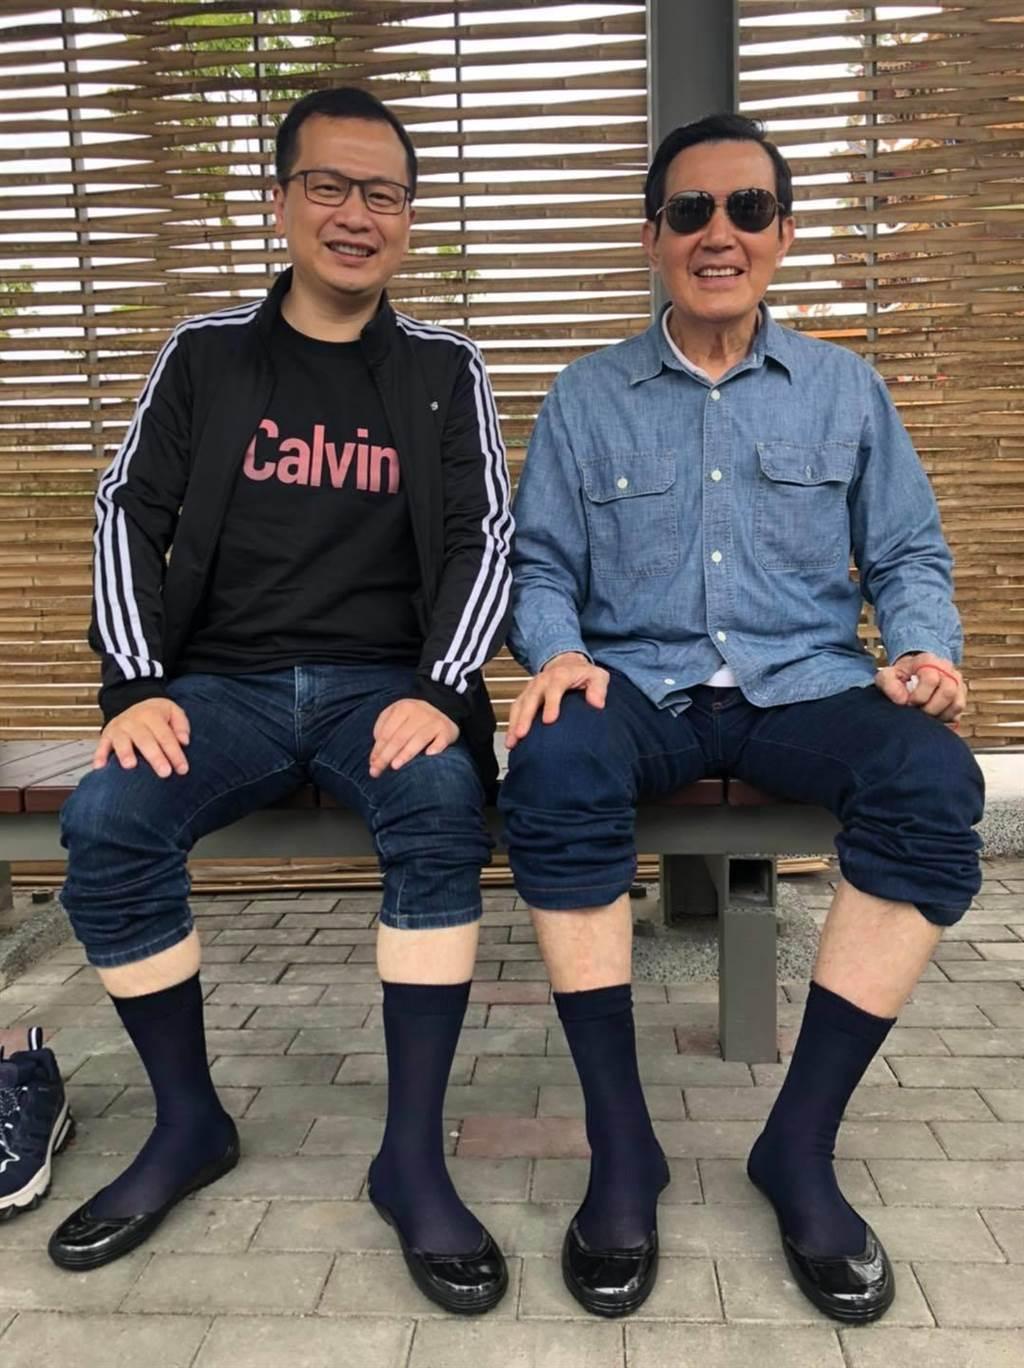 羅智強(左)、馬英九重返彰化芳苑的濕地。(圖/摘自羅智強臉書)